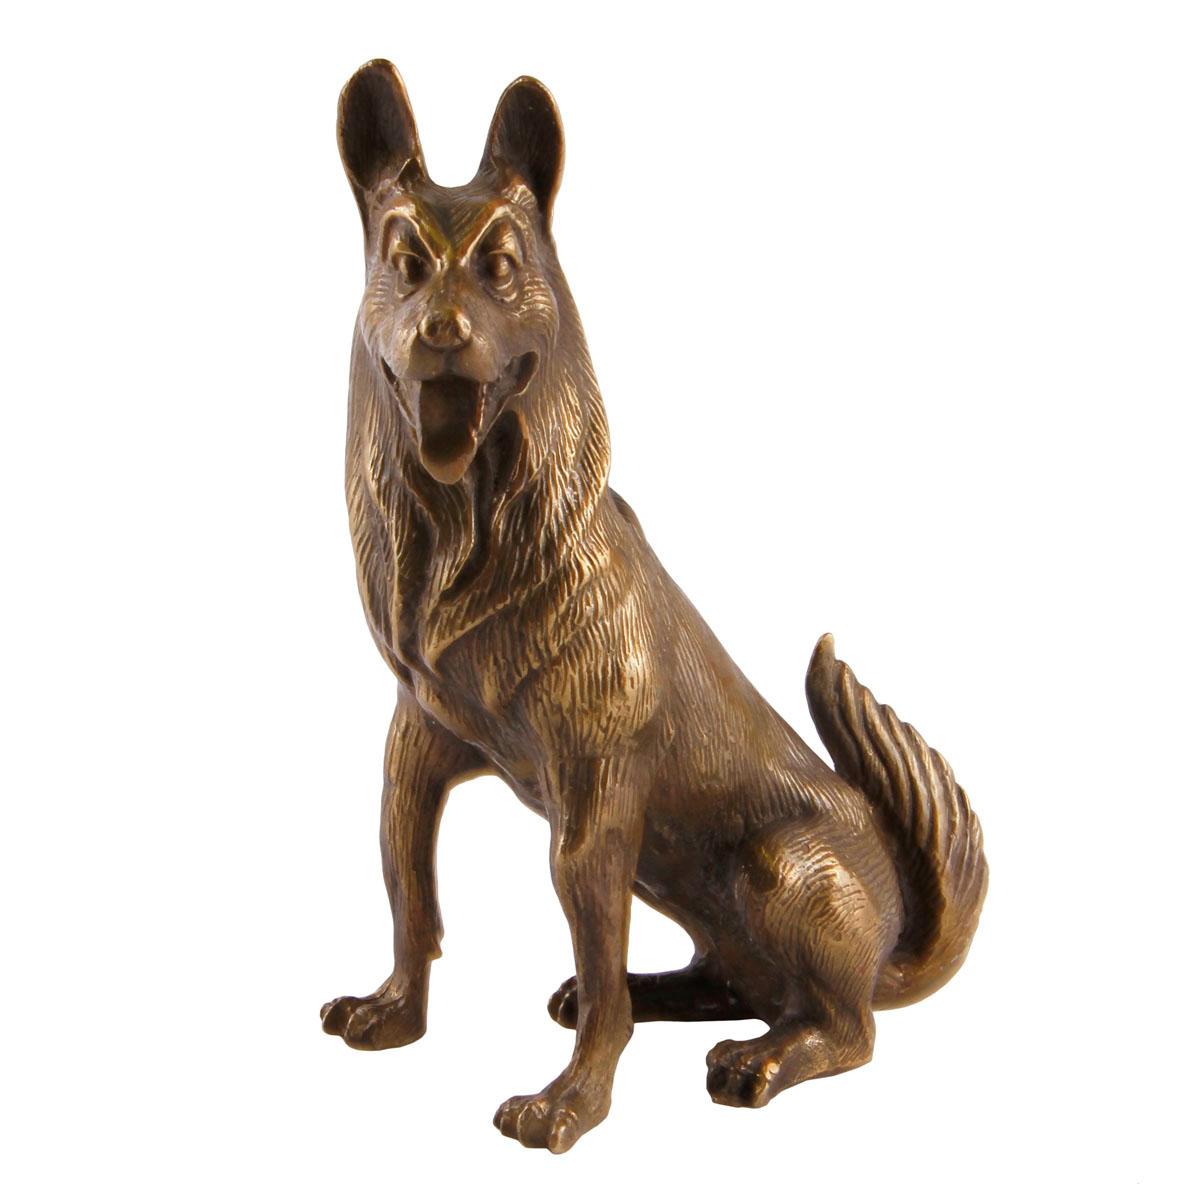 Статуэтка Собака. Металл, прочеканка. Китай, вторая половина XX века